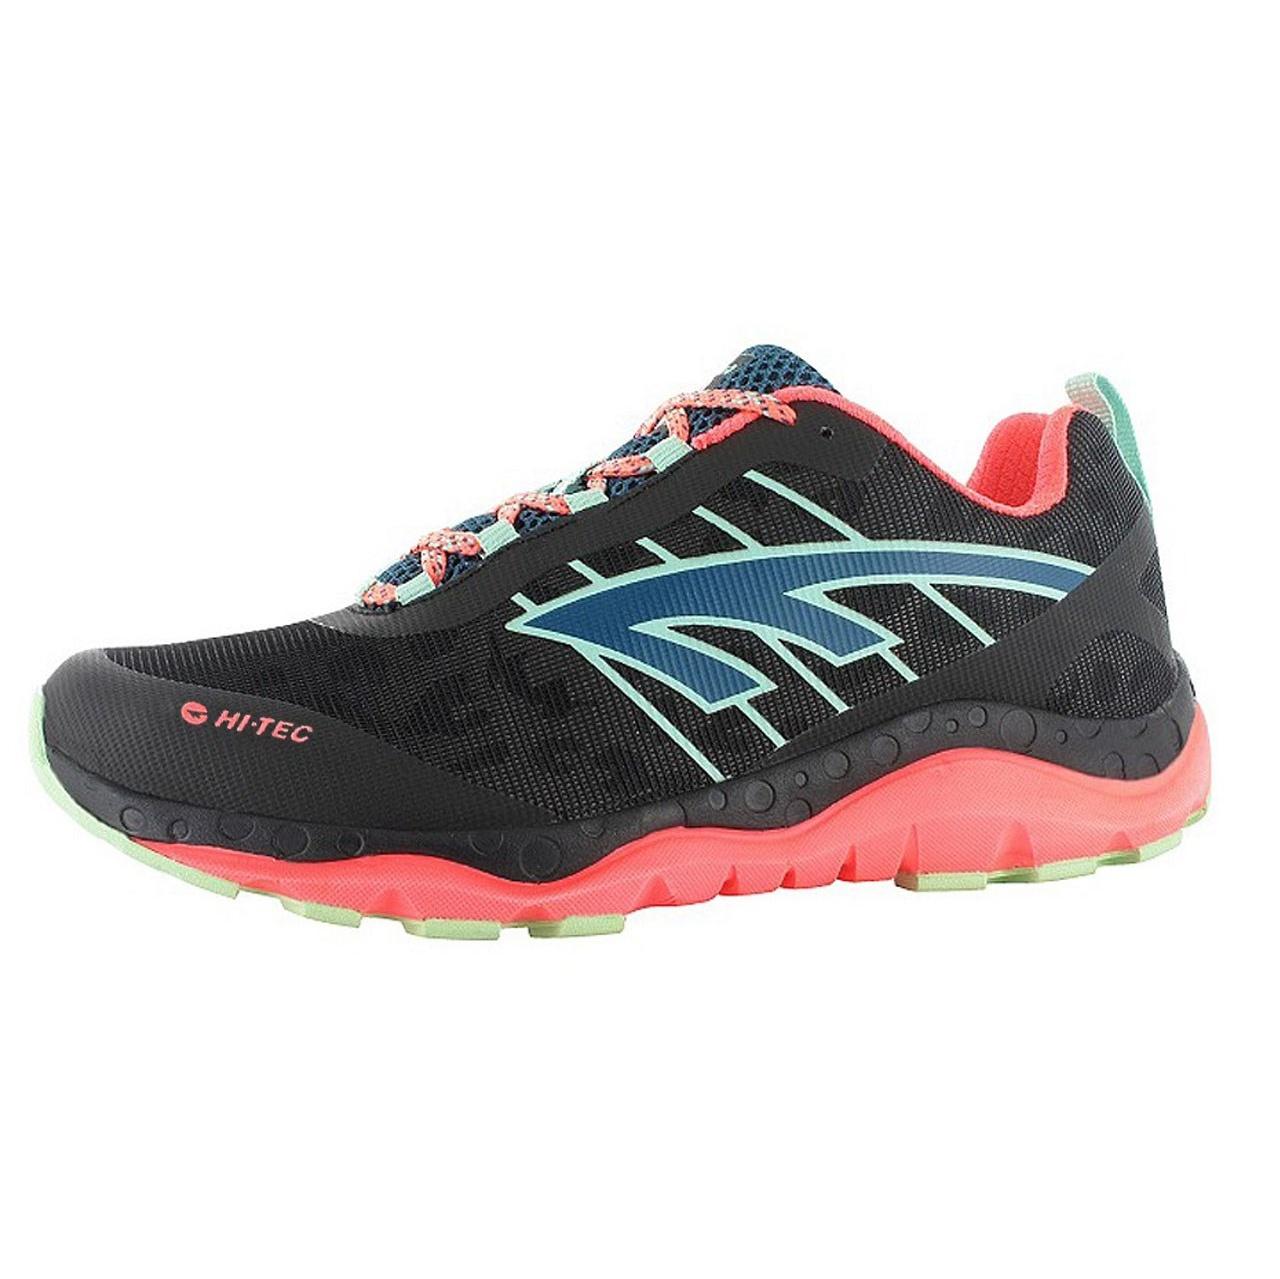 کفش مخصوص دویدن زنانه های تک مدل Haraka Nite